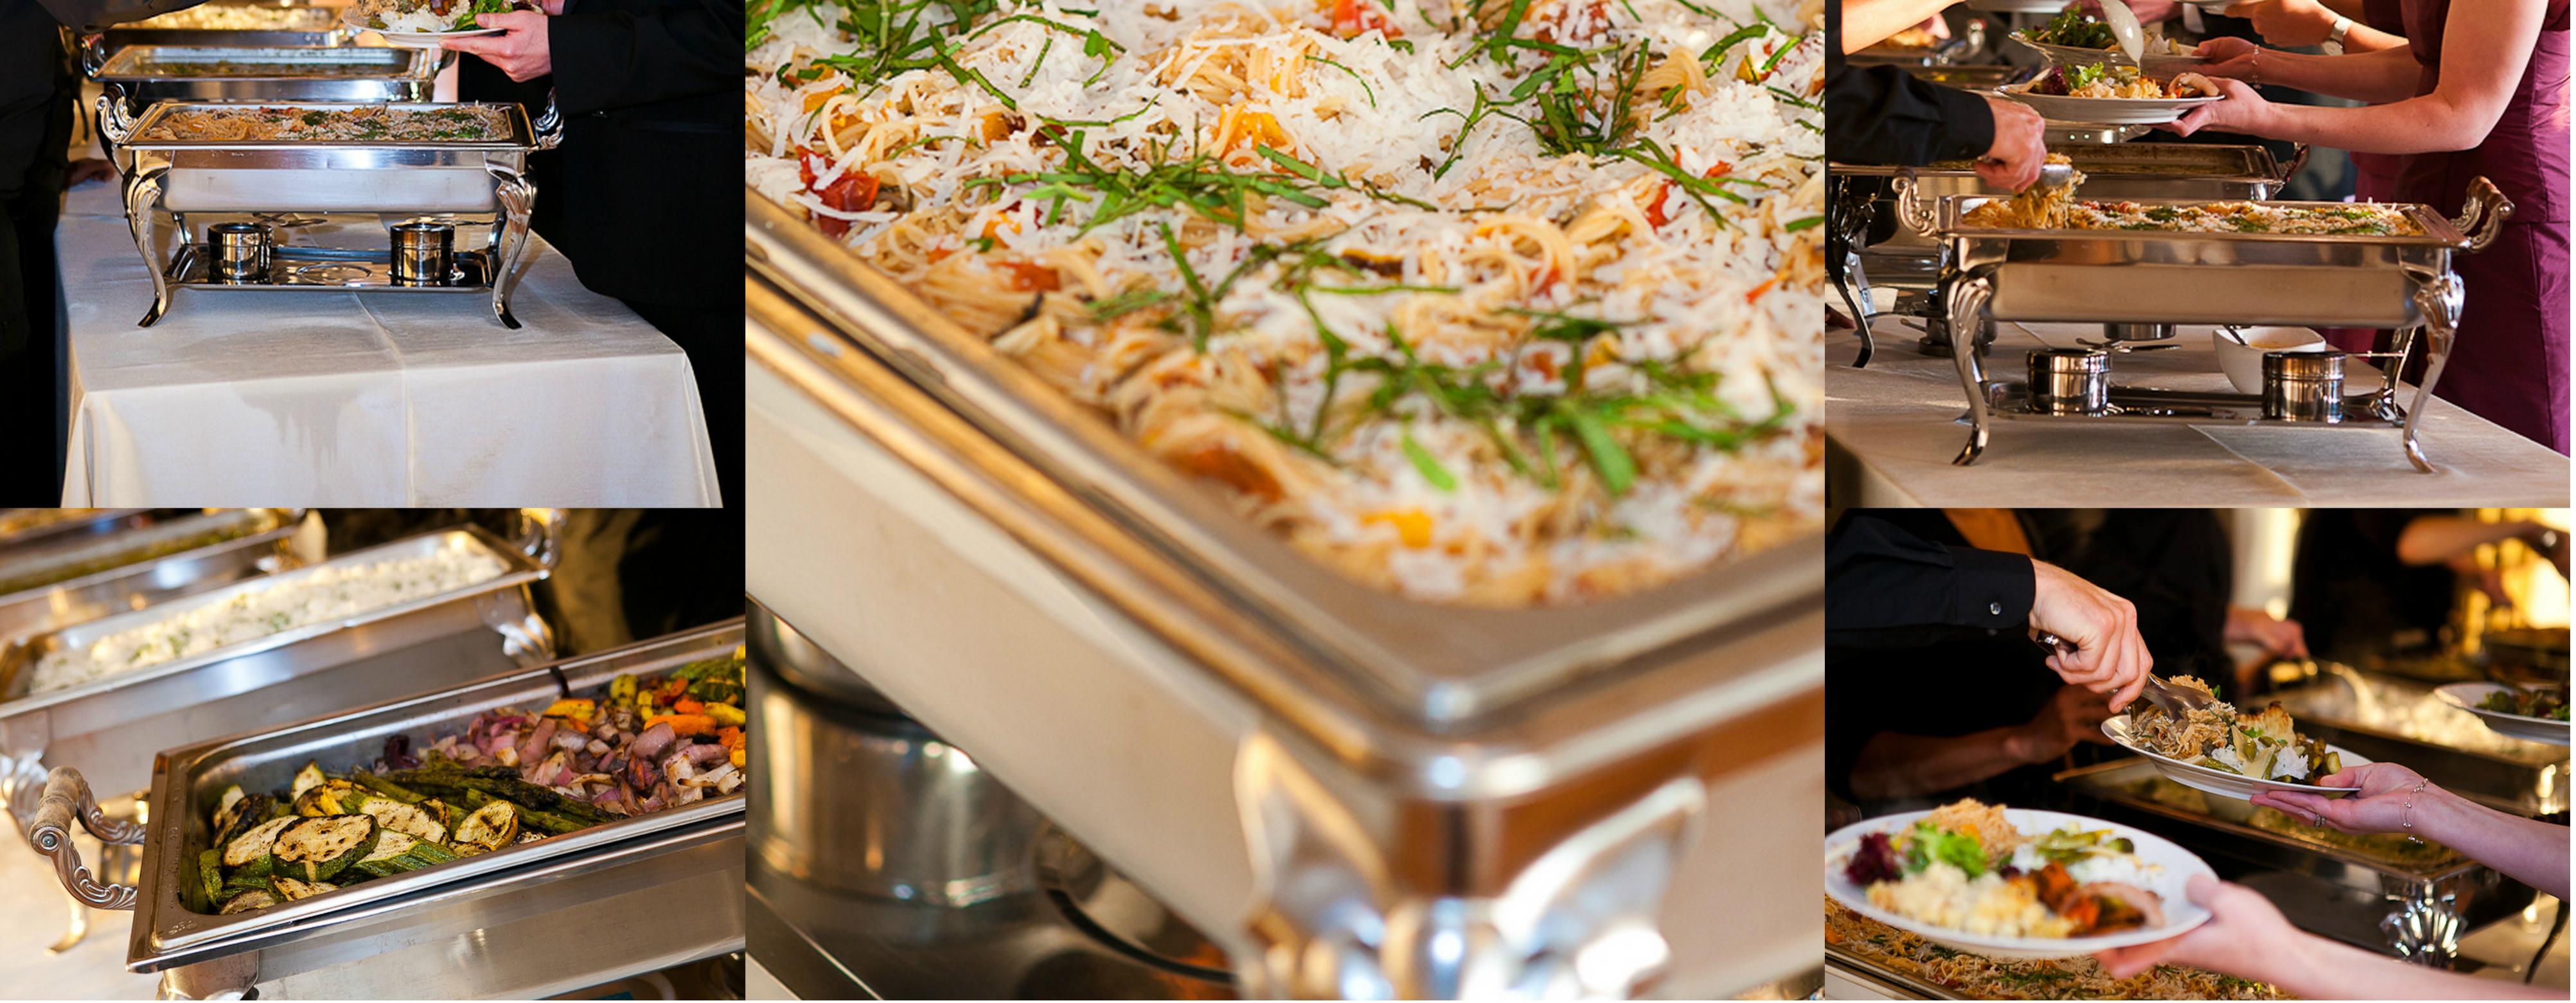 La serviciile carei firme de catering din sectorul 1 sa apelati?